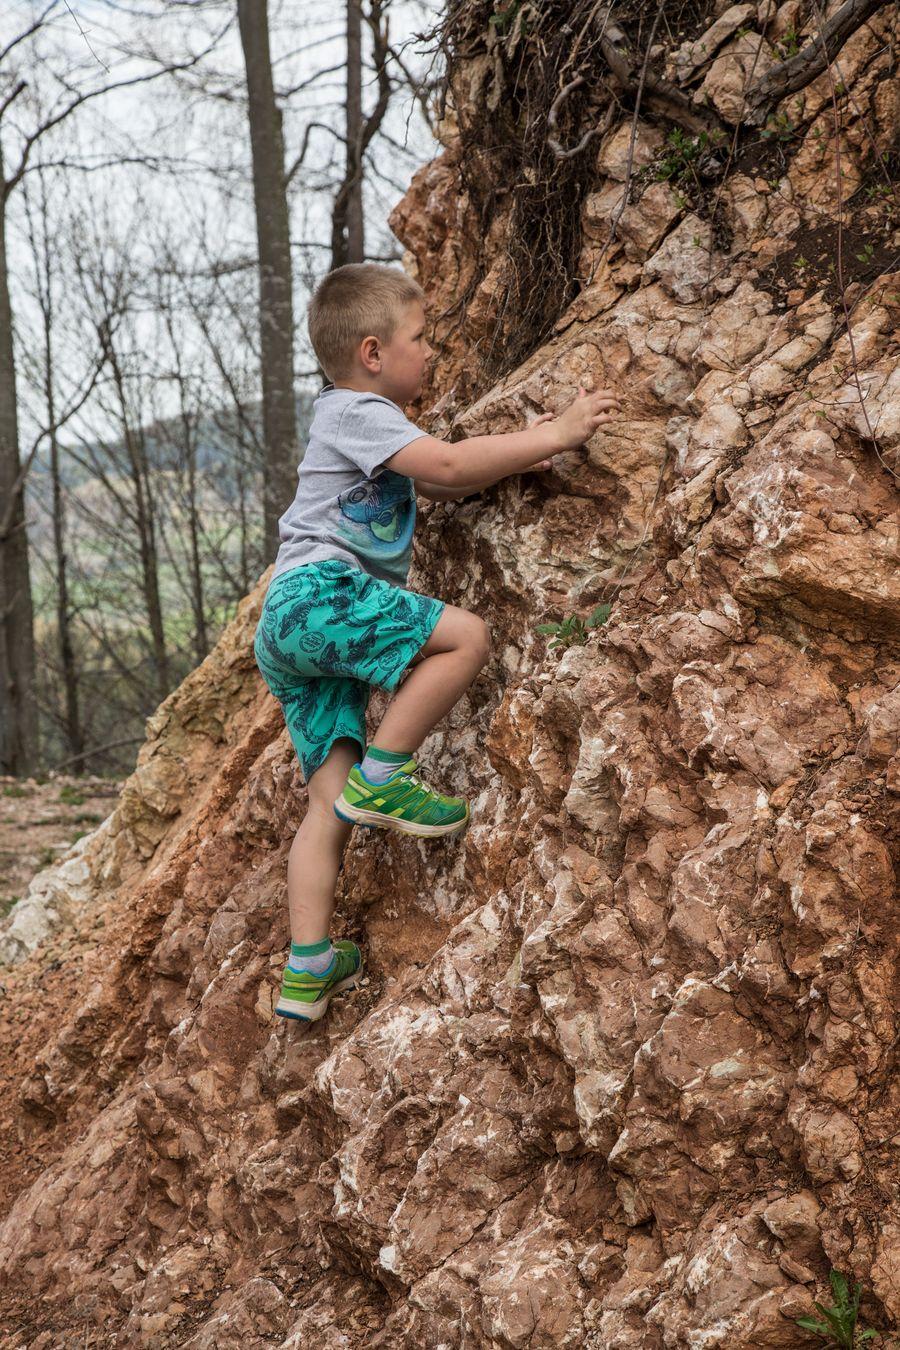 Früh übt sich, wenn er mal Kletterer sein will